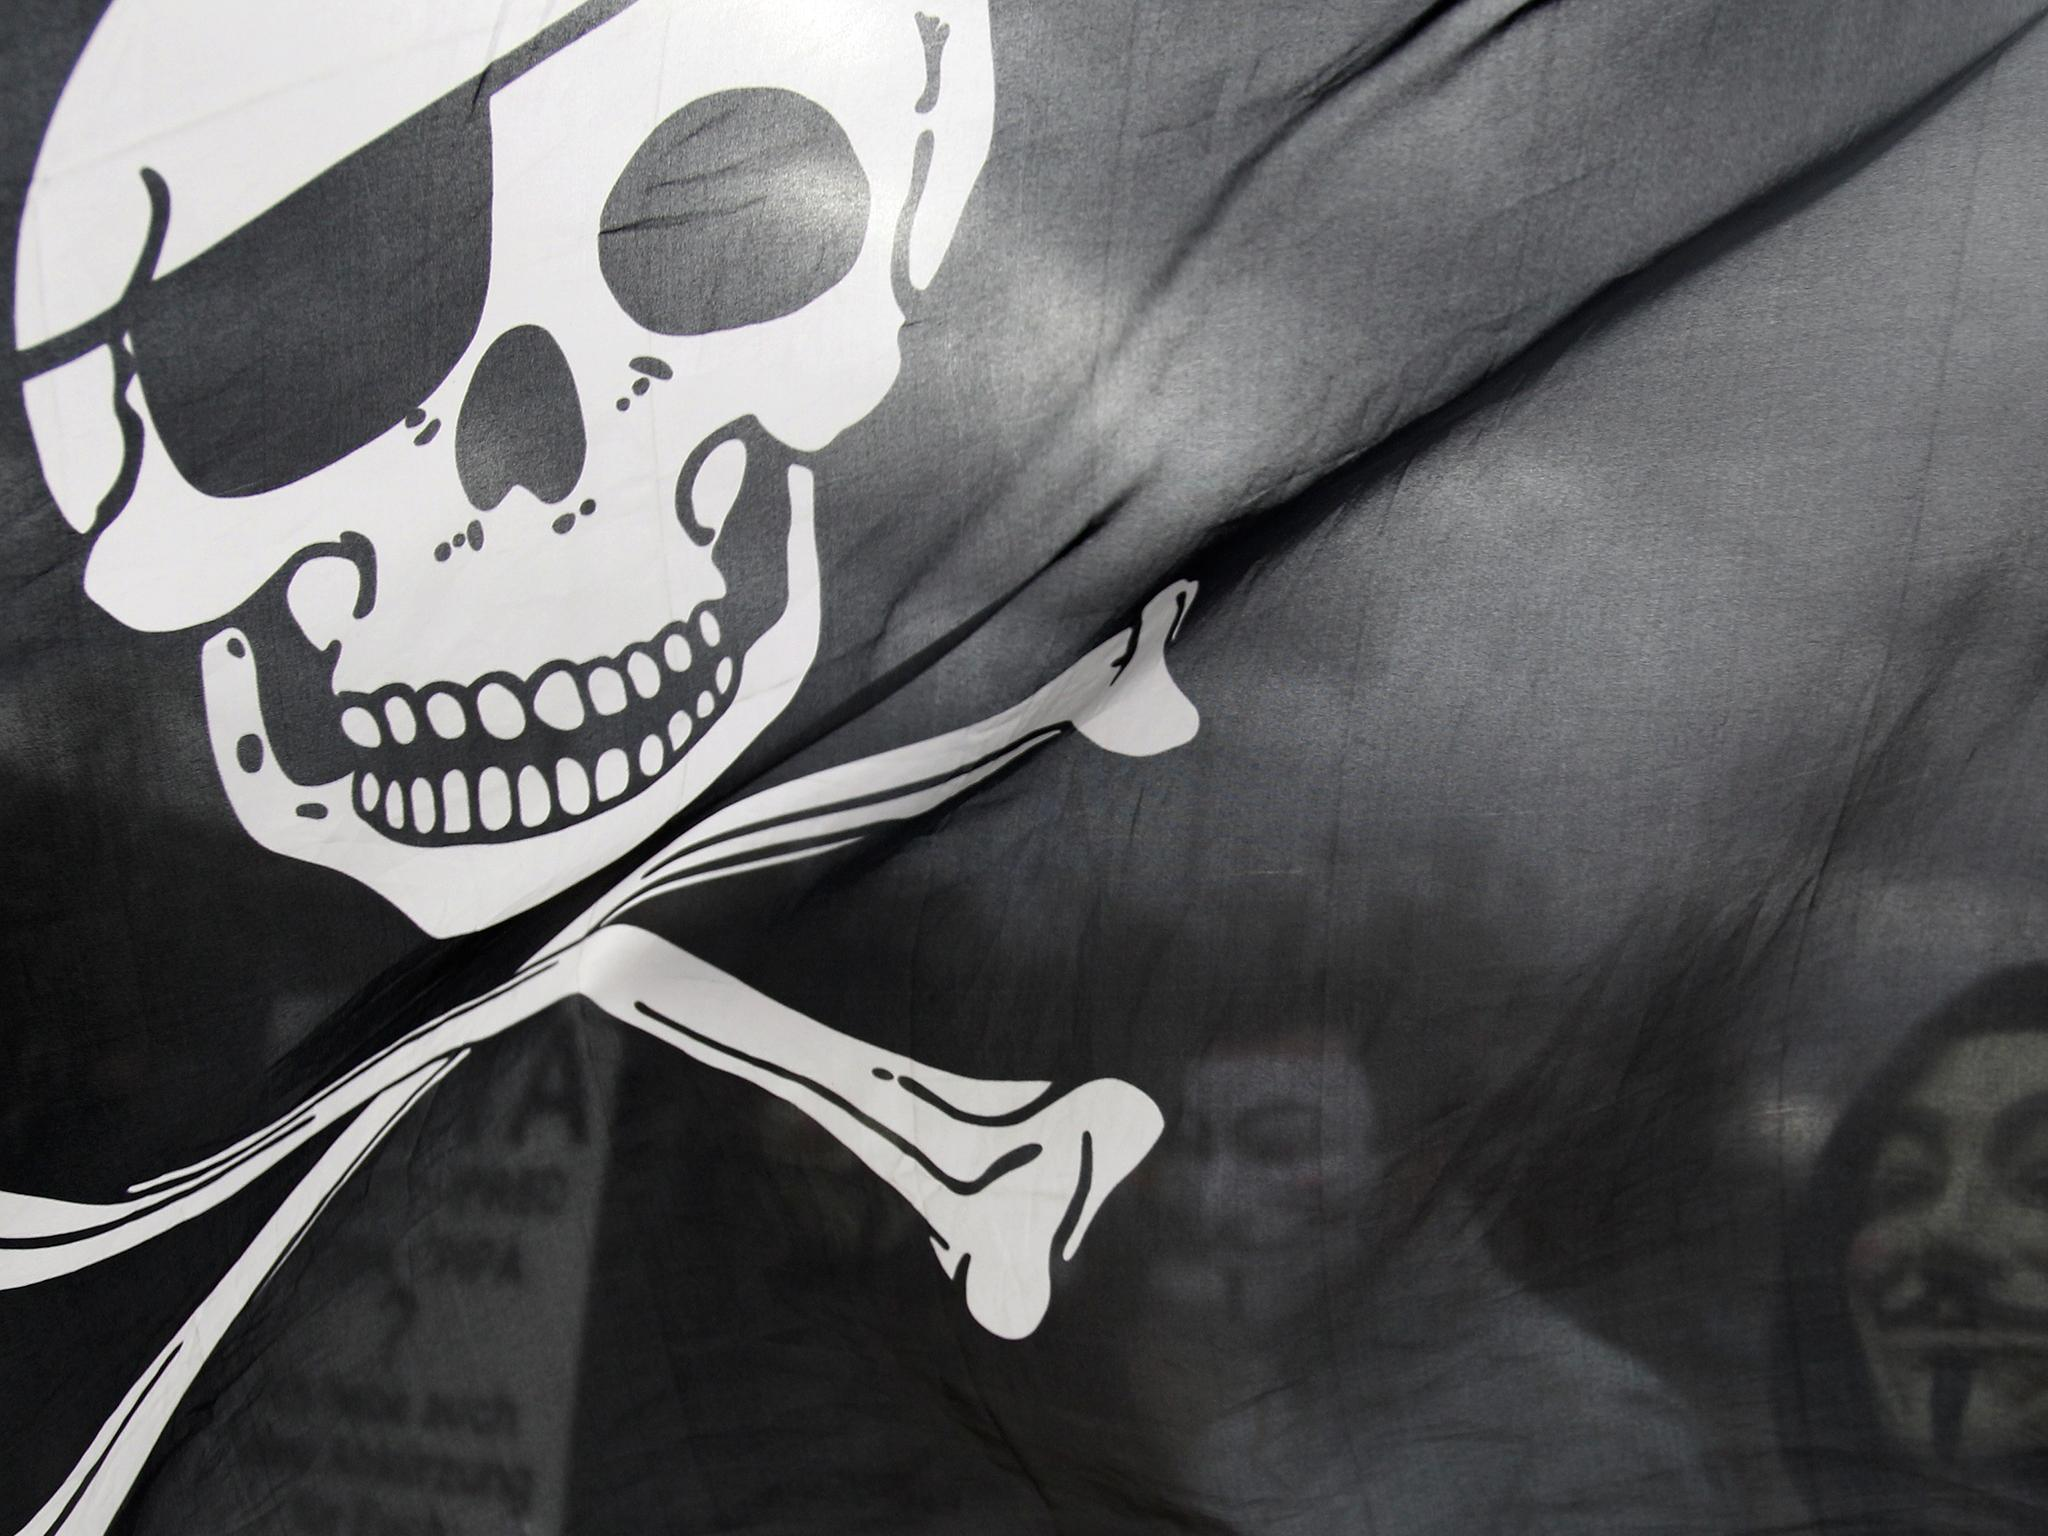 Mexicanos gastaron más de 20,000 mdp en piratería en el último año